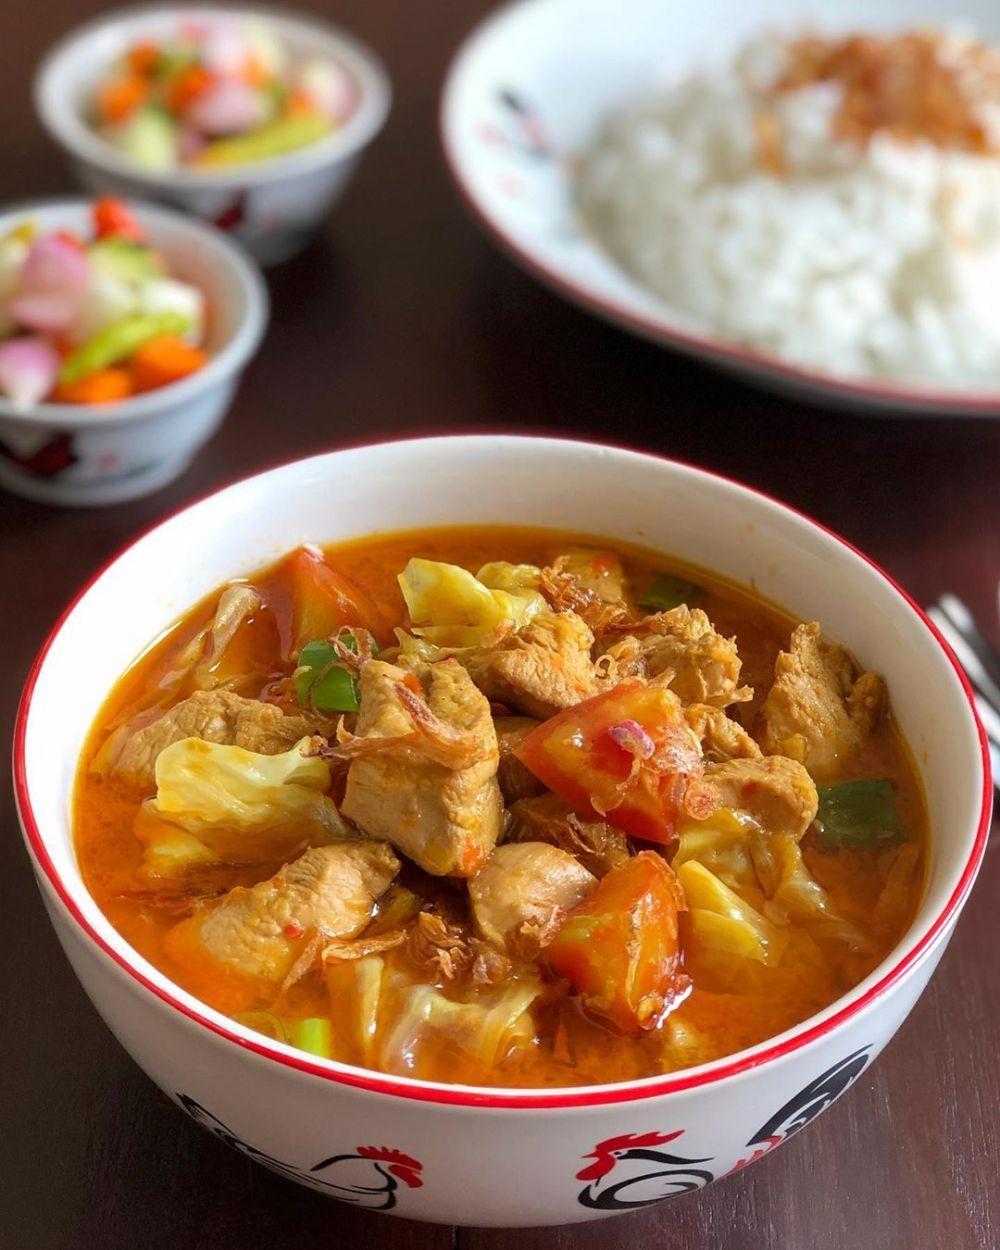 Resep Olahan Ayam Kekinian Untuk Dijual Instagram Resep Resep Masakan Resep Masakan Asia